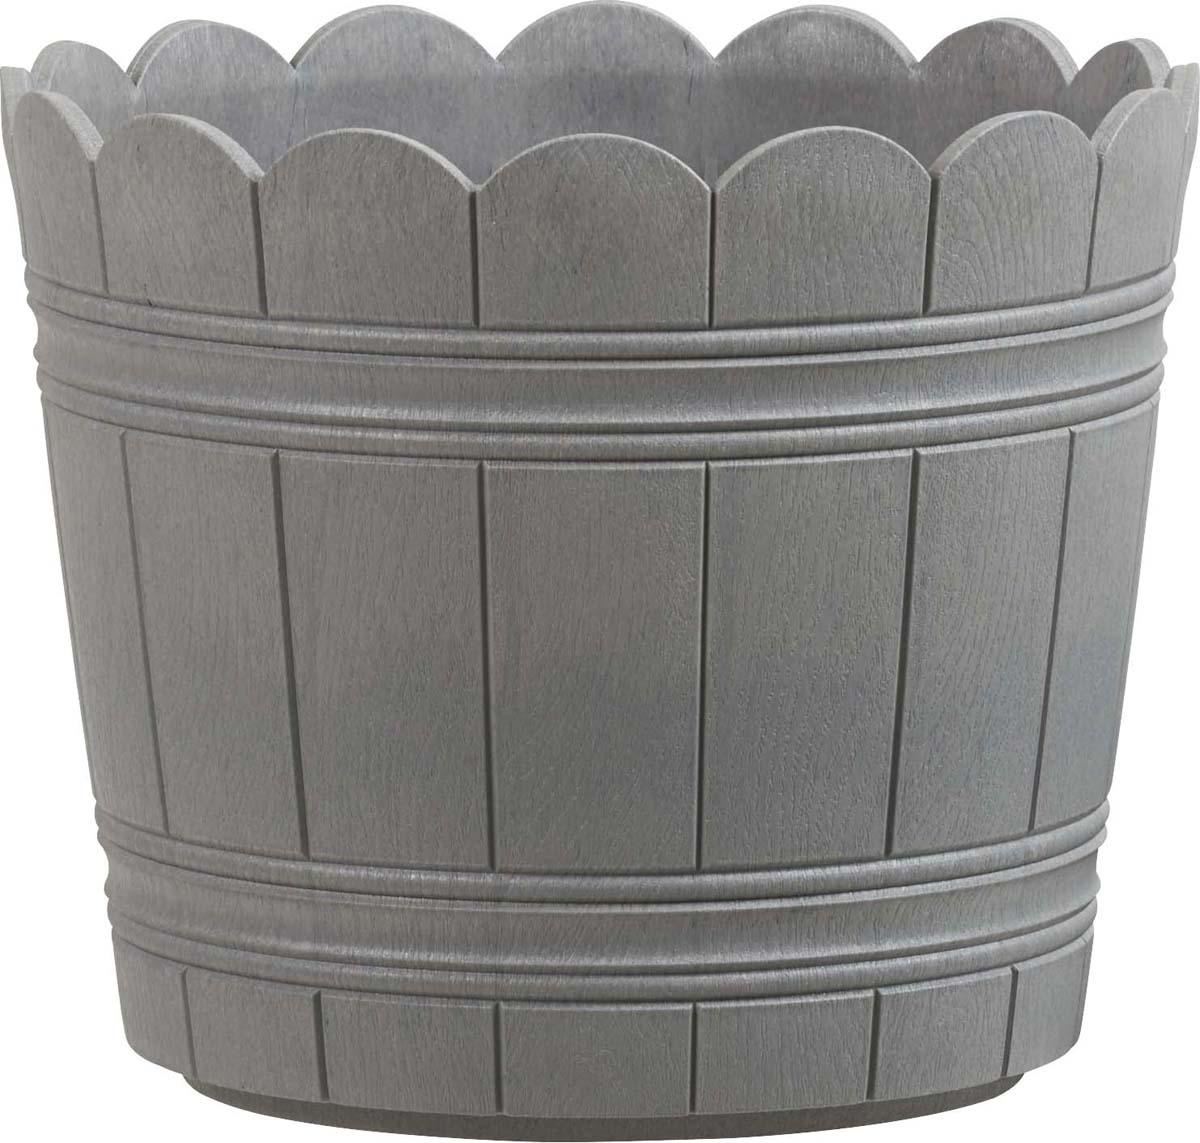 Кашпо Emsa Country, цвет: серый, диаметр 35 см emsa база балконного ящика mybox 50 см гранит 508843 emsa